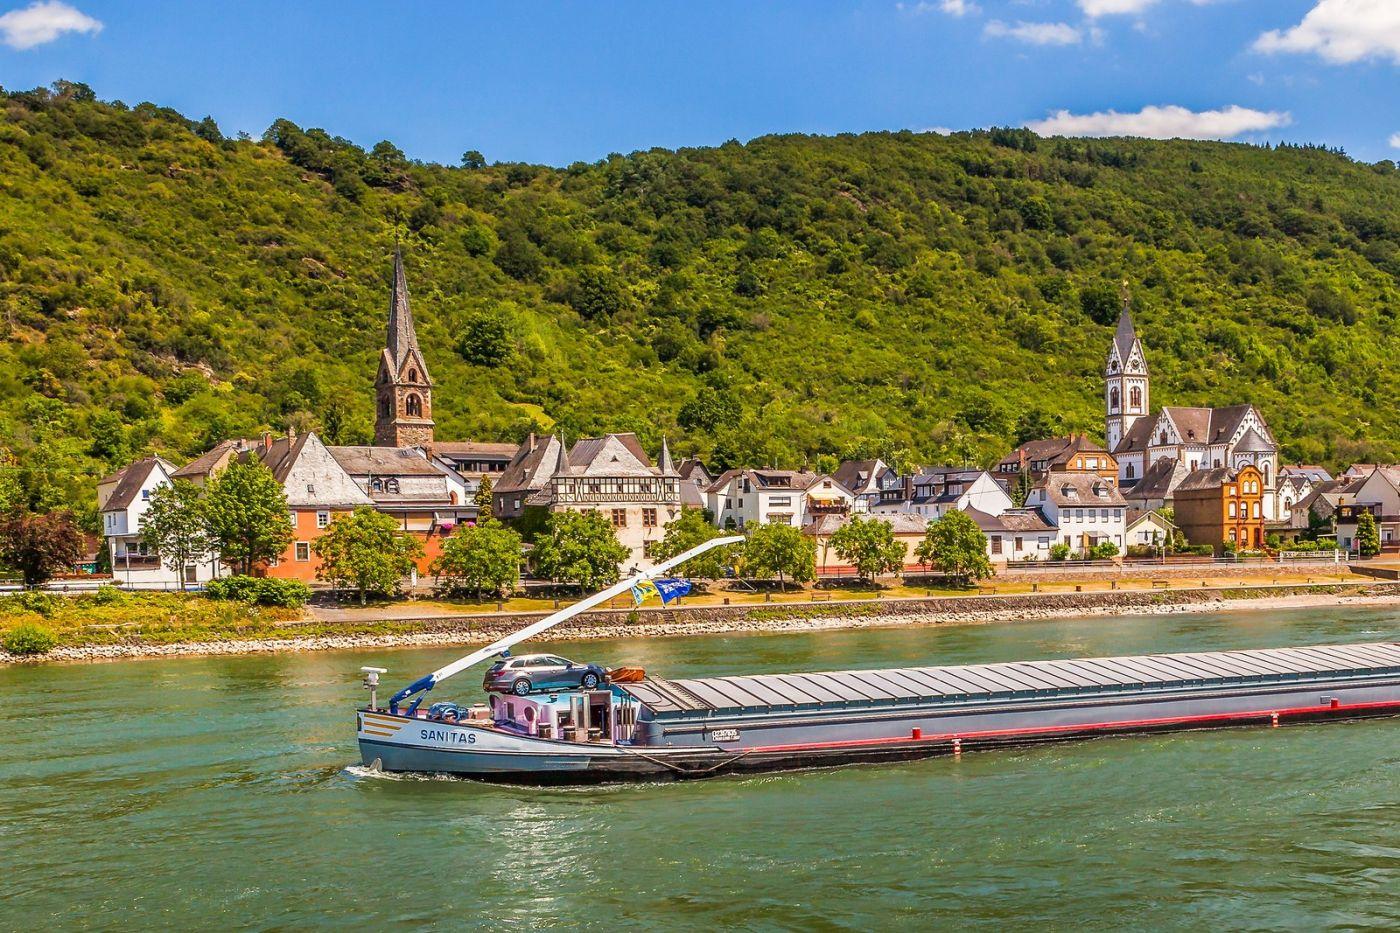 畅游莱茵河,游船商船另一道景_图1-20